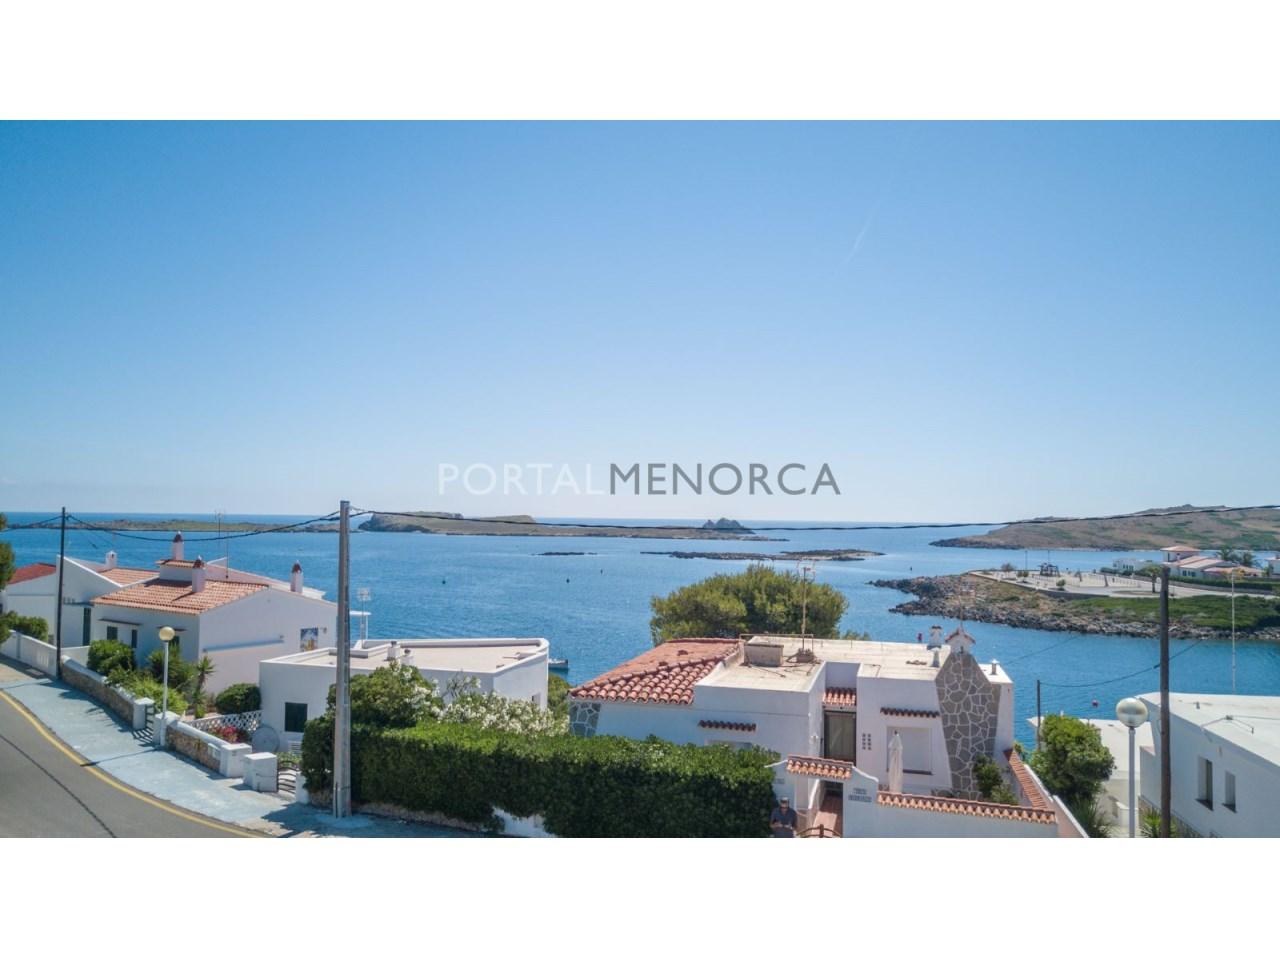 parcela en Macaret Menorca (3 de 3)